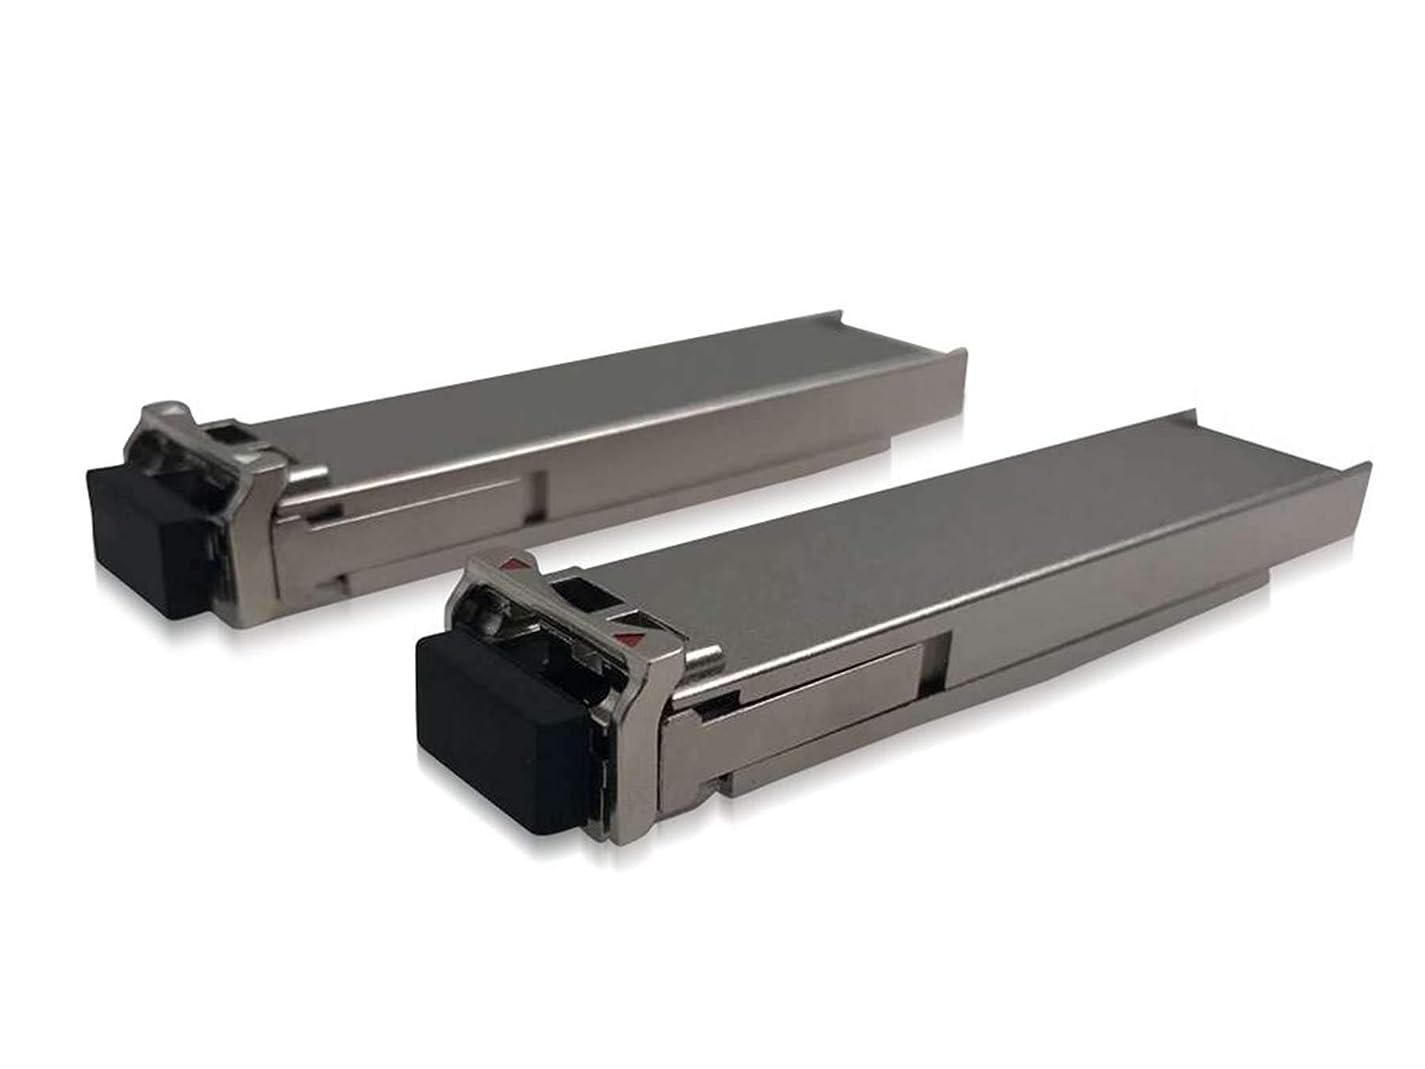 導体シダ吸収剤LODFIBER EX-XFP-10GE-BX23-20/EX-XFP-10GE-BX32-20 Juniper Networks対応互換 10G 1270/1330nm Pair of BIDI 20km XFP トランシーバ モジュール